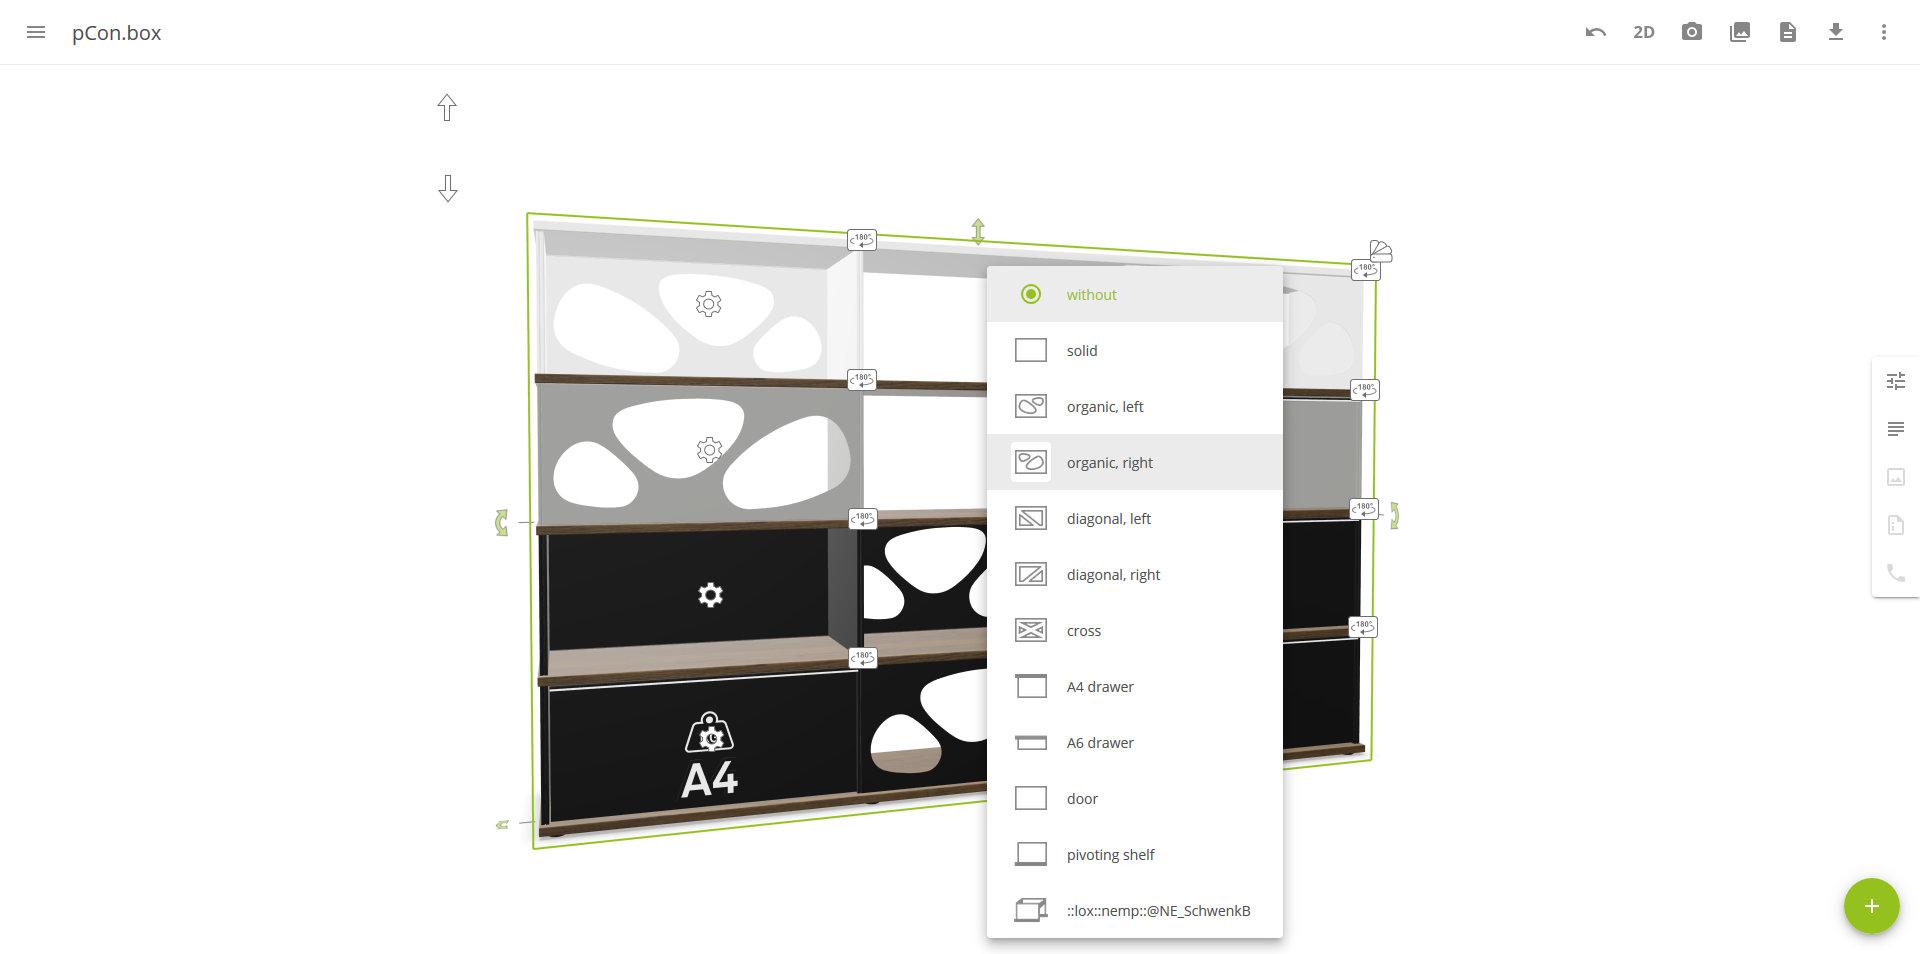 Configuration of LO Next in the pCon.box